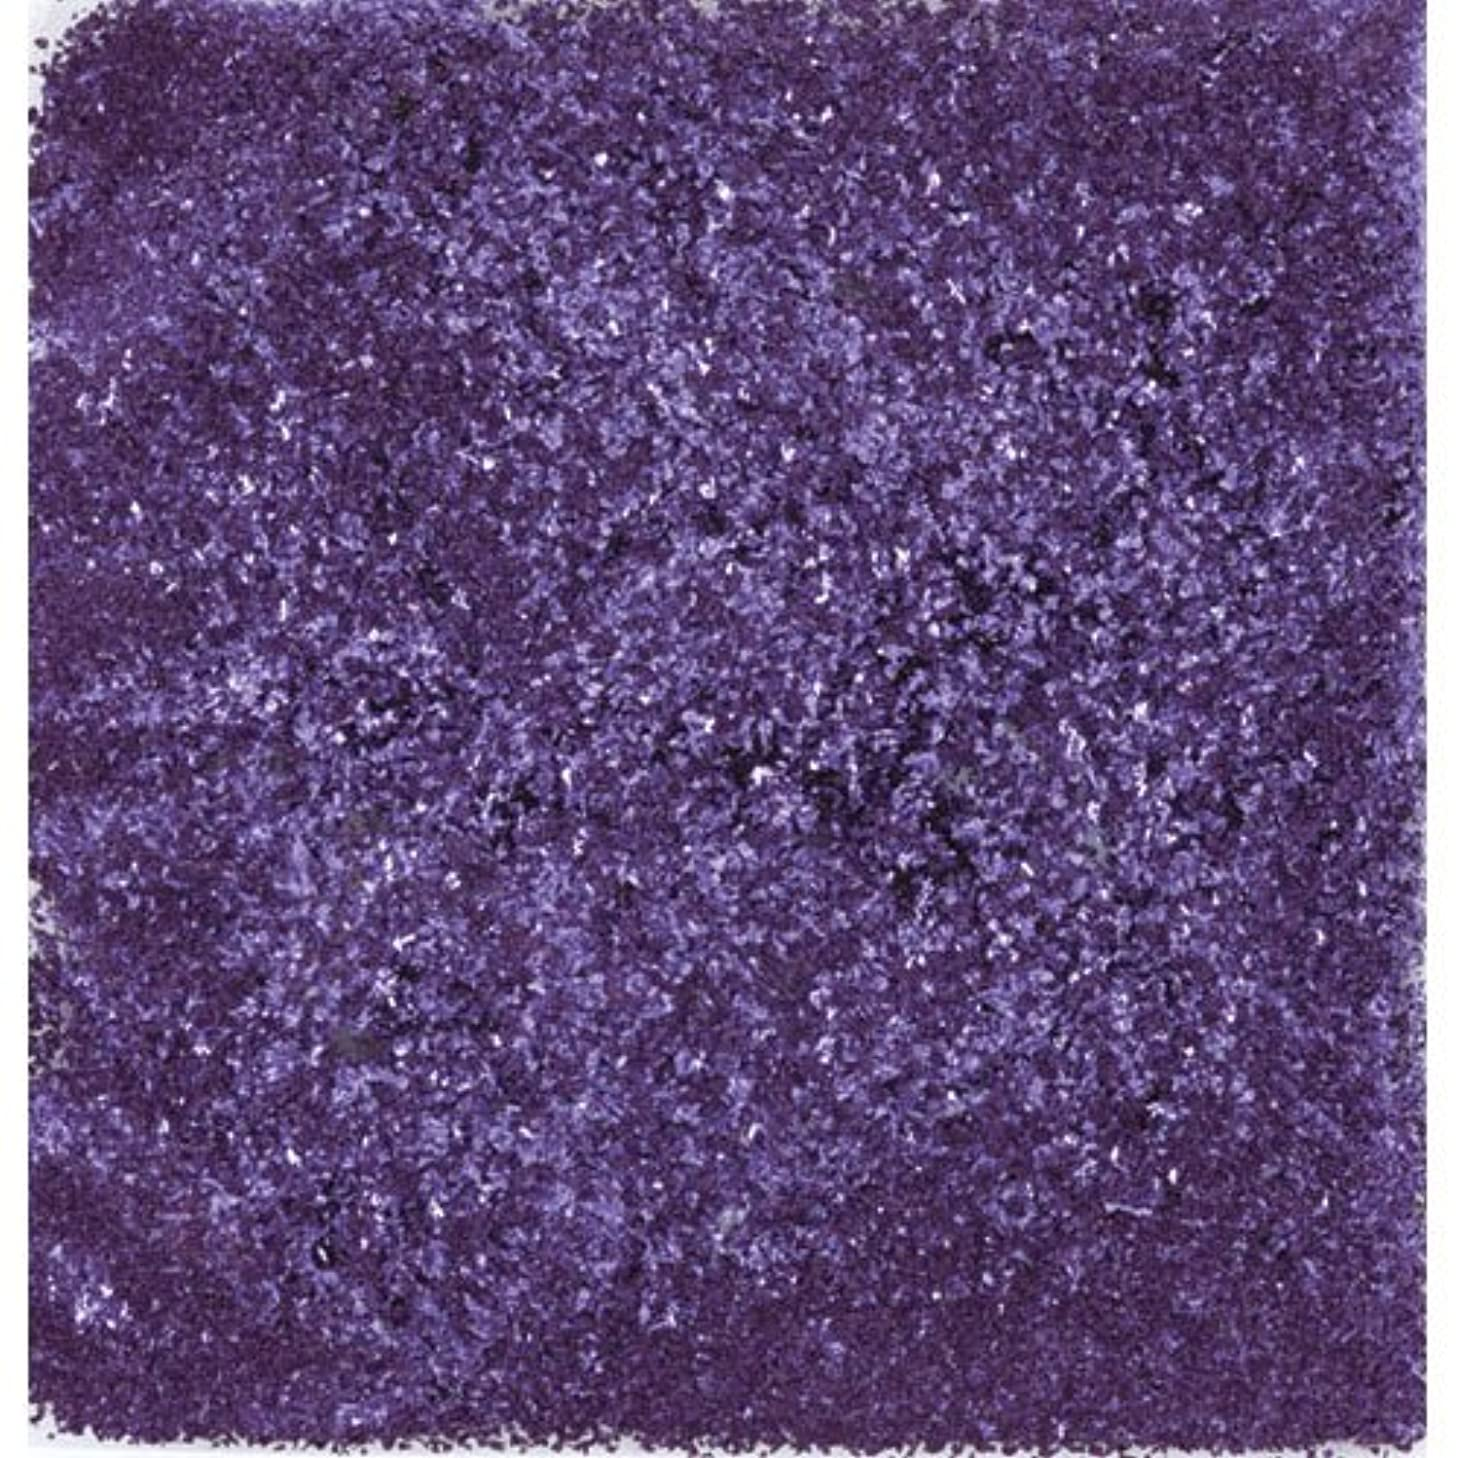 スクラブゆりかごまたはどちらかピカエース ネイル用パウダー シャインフレーク #711 江戸紫 0.3g